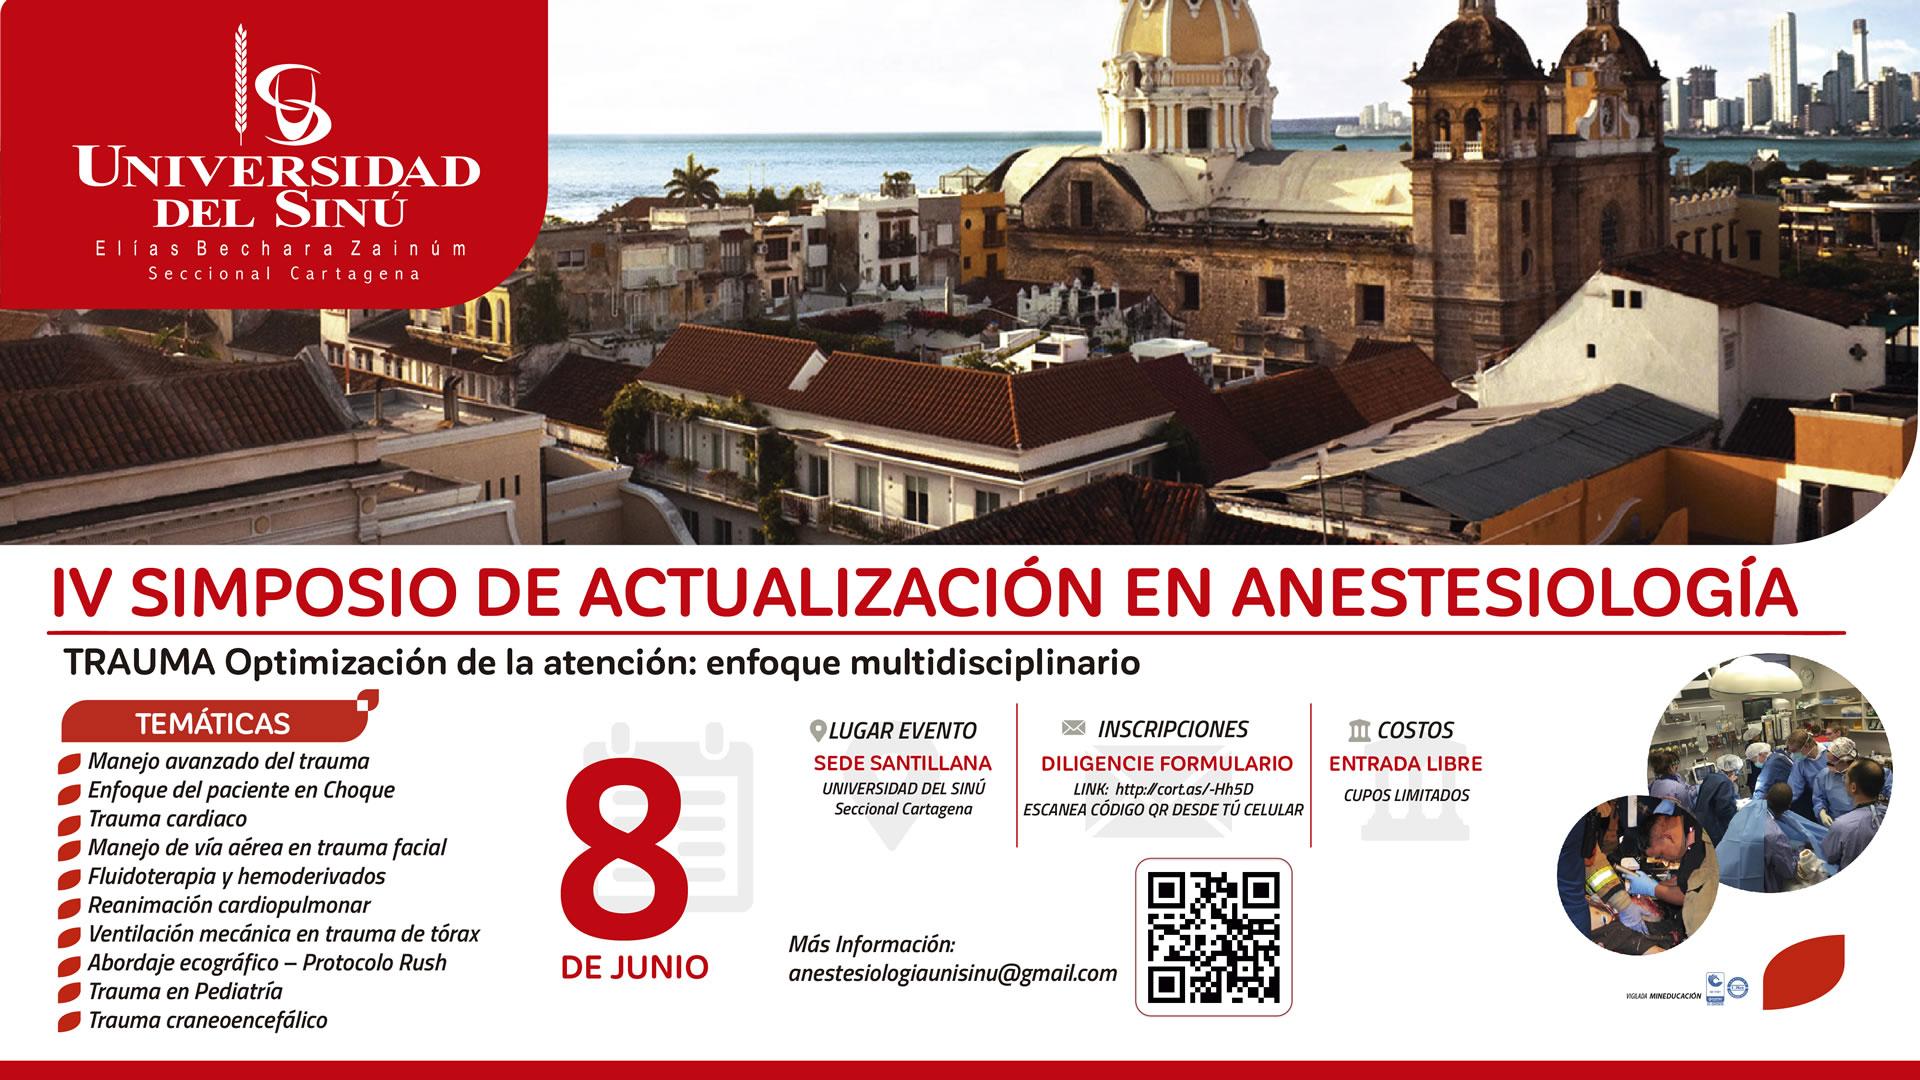 MONITORES IV simposio de actualizacion de anestesiologia